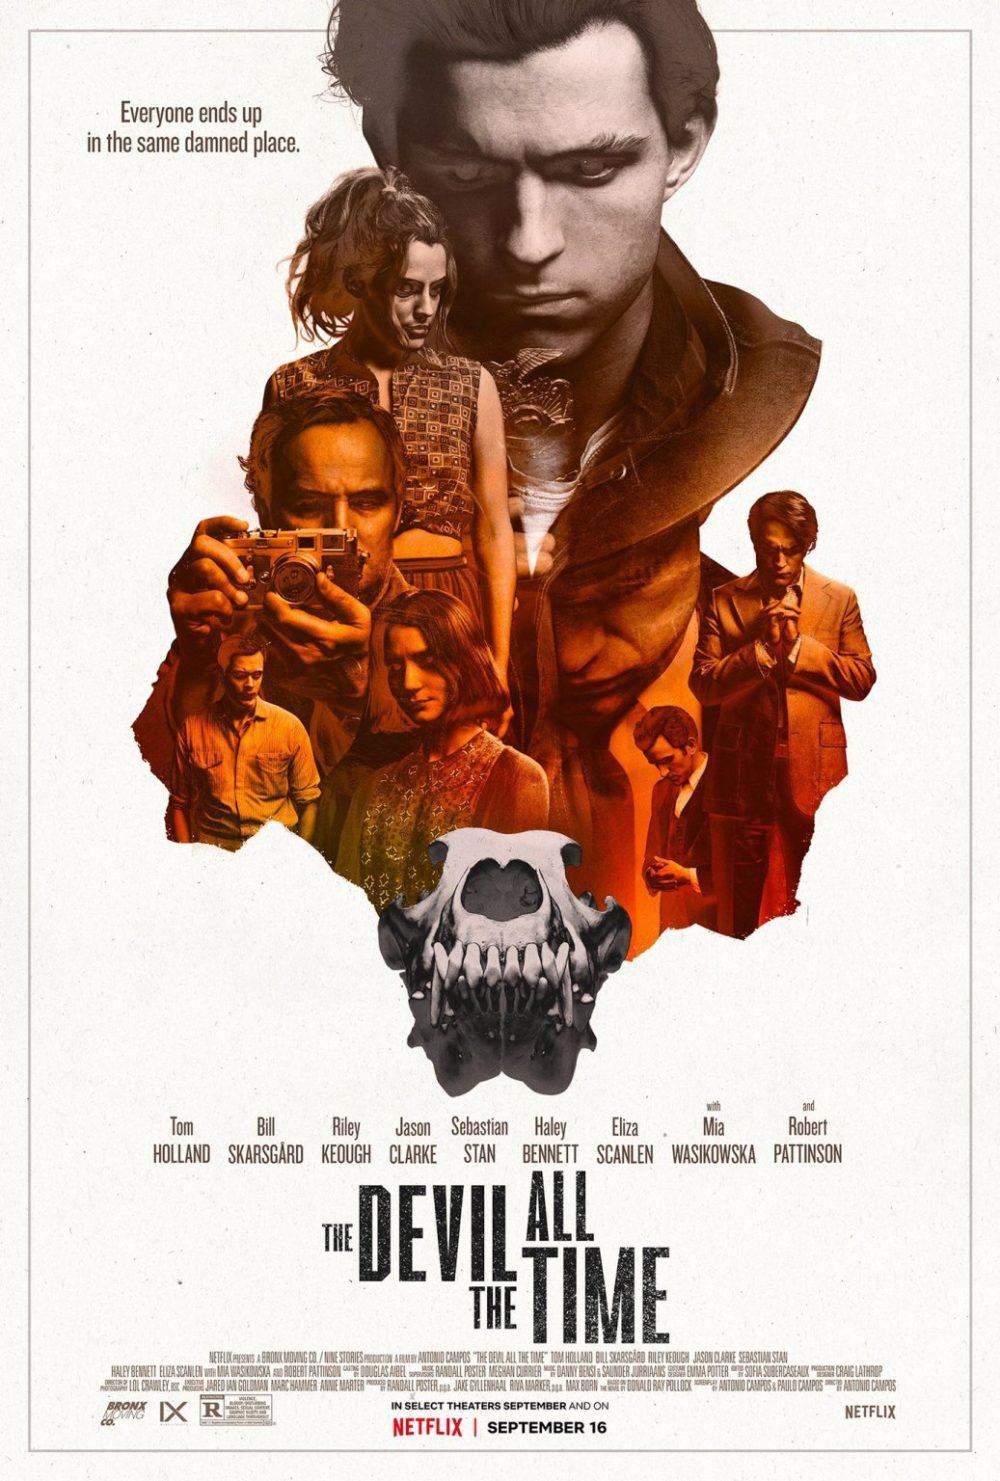 Le Strade del Male Film Poster